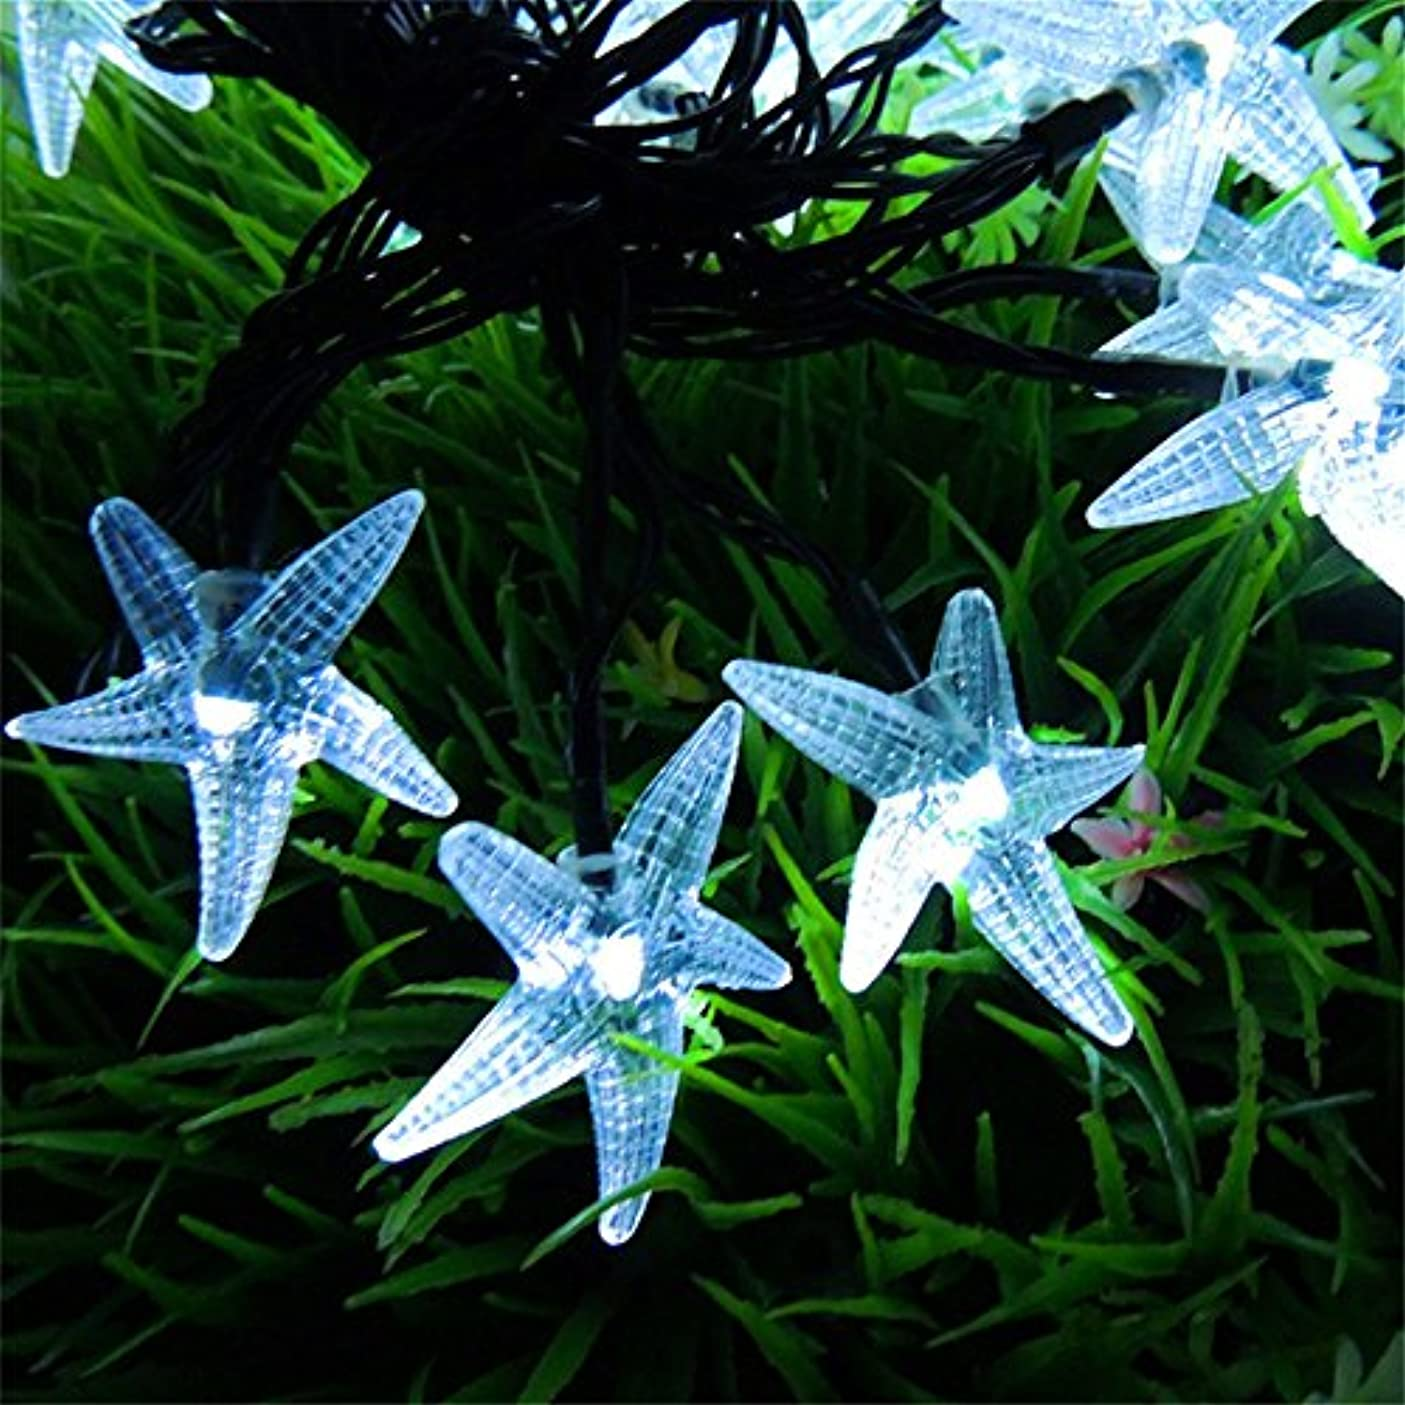 ルーチン怠けた火ソーラーストリングライト、SIMPLE DO LEDライト イルミネーション クリスマス パーティー 防水 省エネ 環境に優しい 使いやすい カラフル(ホワイト)